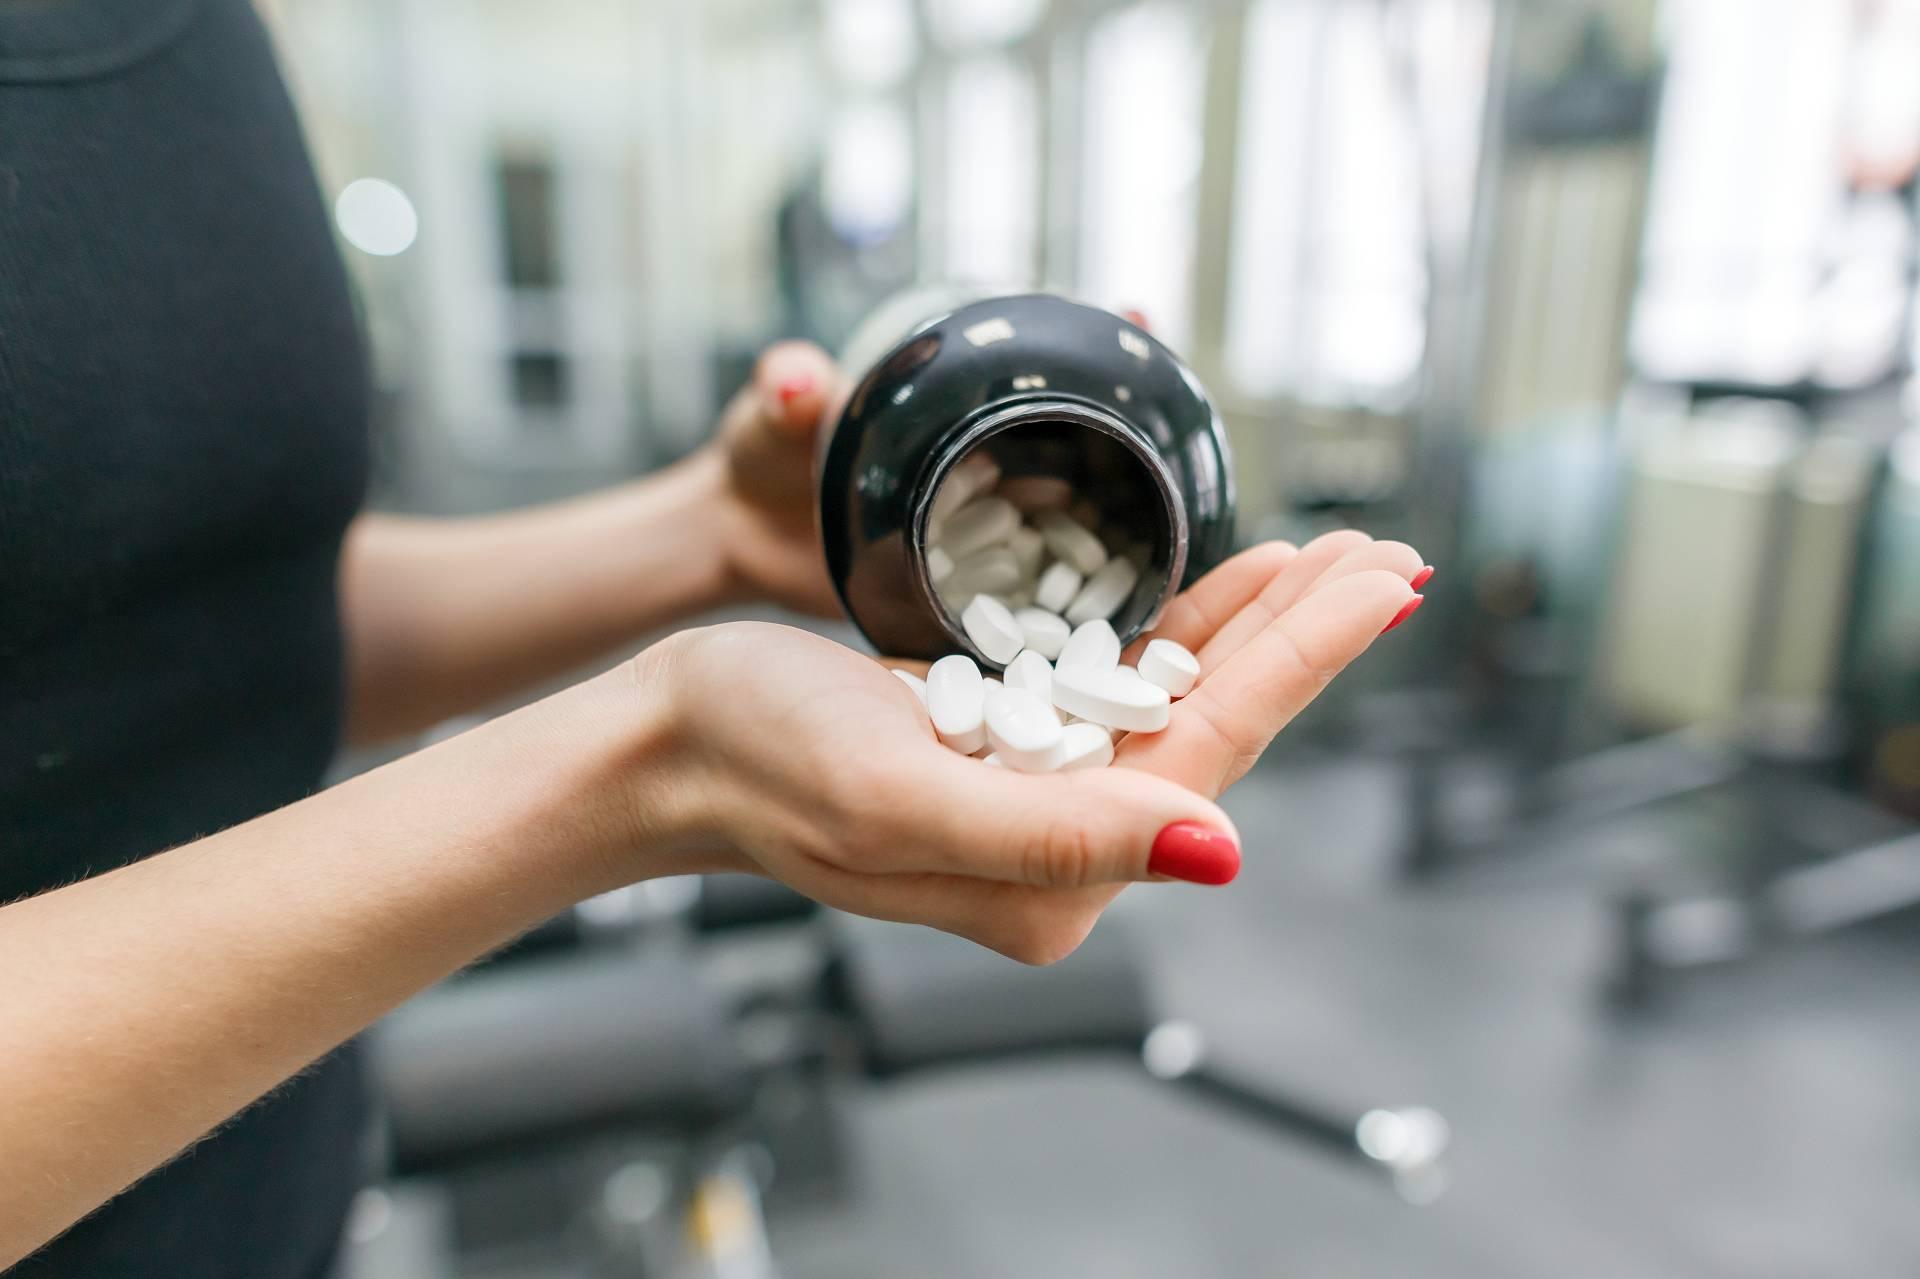 Gewichts- und Fettreduktion durch L-Carnitin: So effektiv ist eine Supplementation in der Praxis